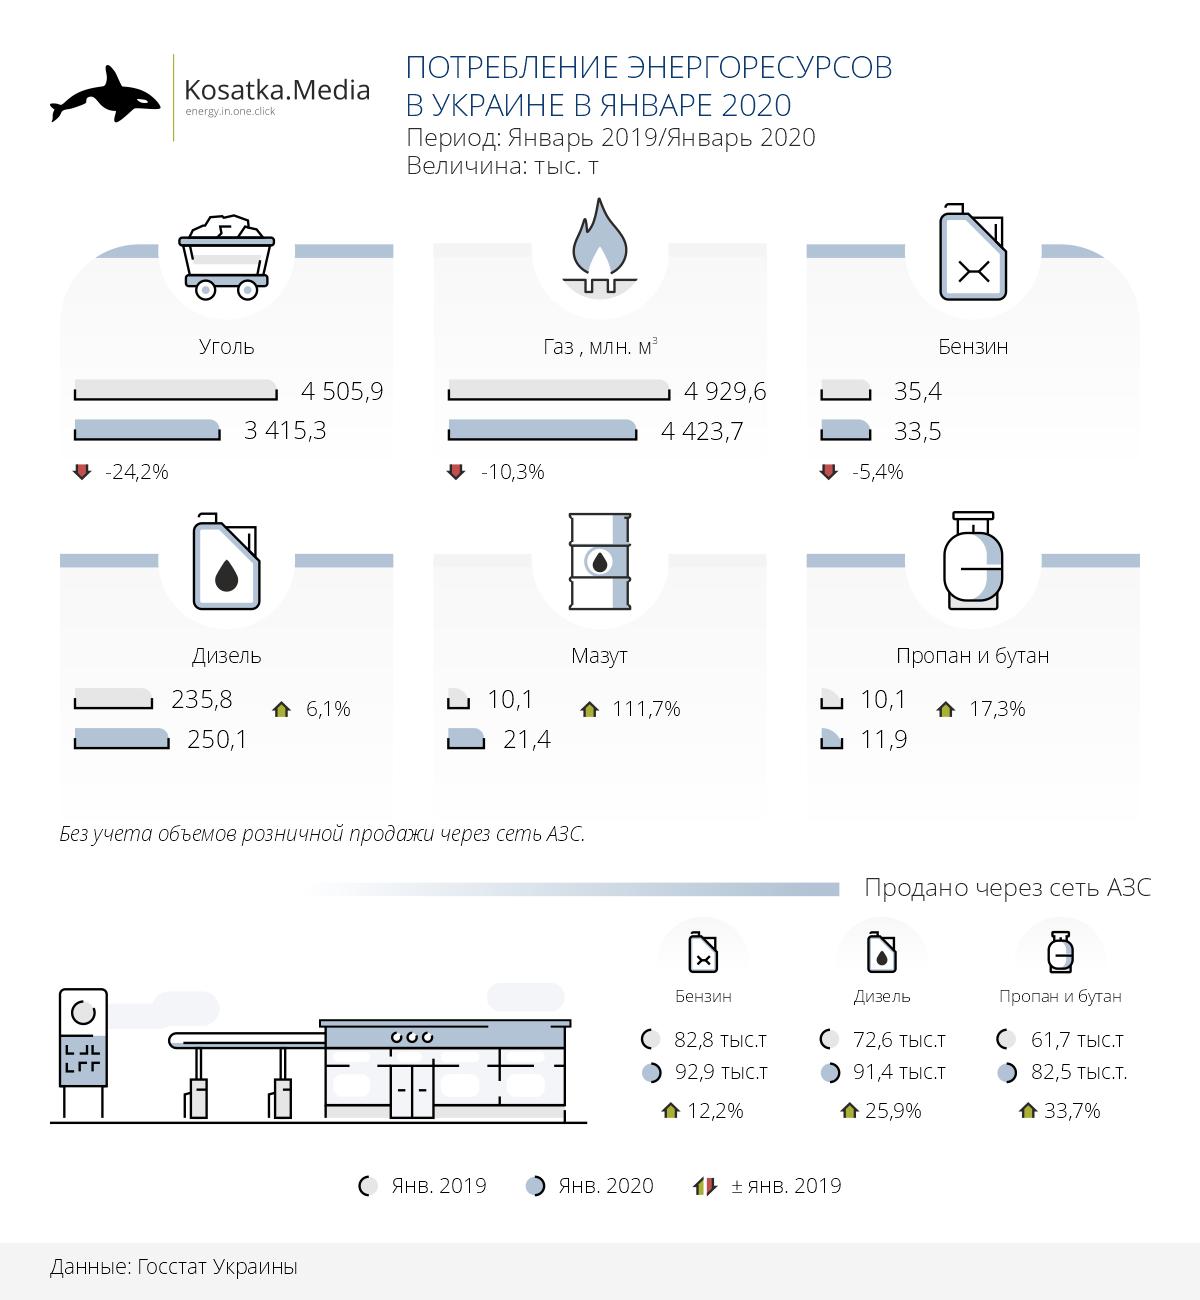 Потребление энергоресурсов в Украине в январе 2020 года